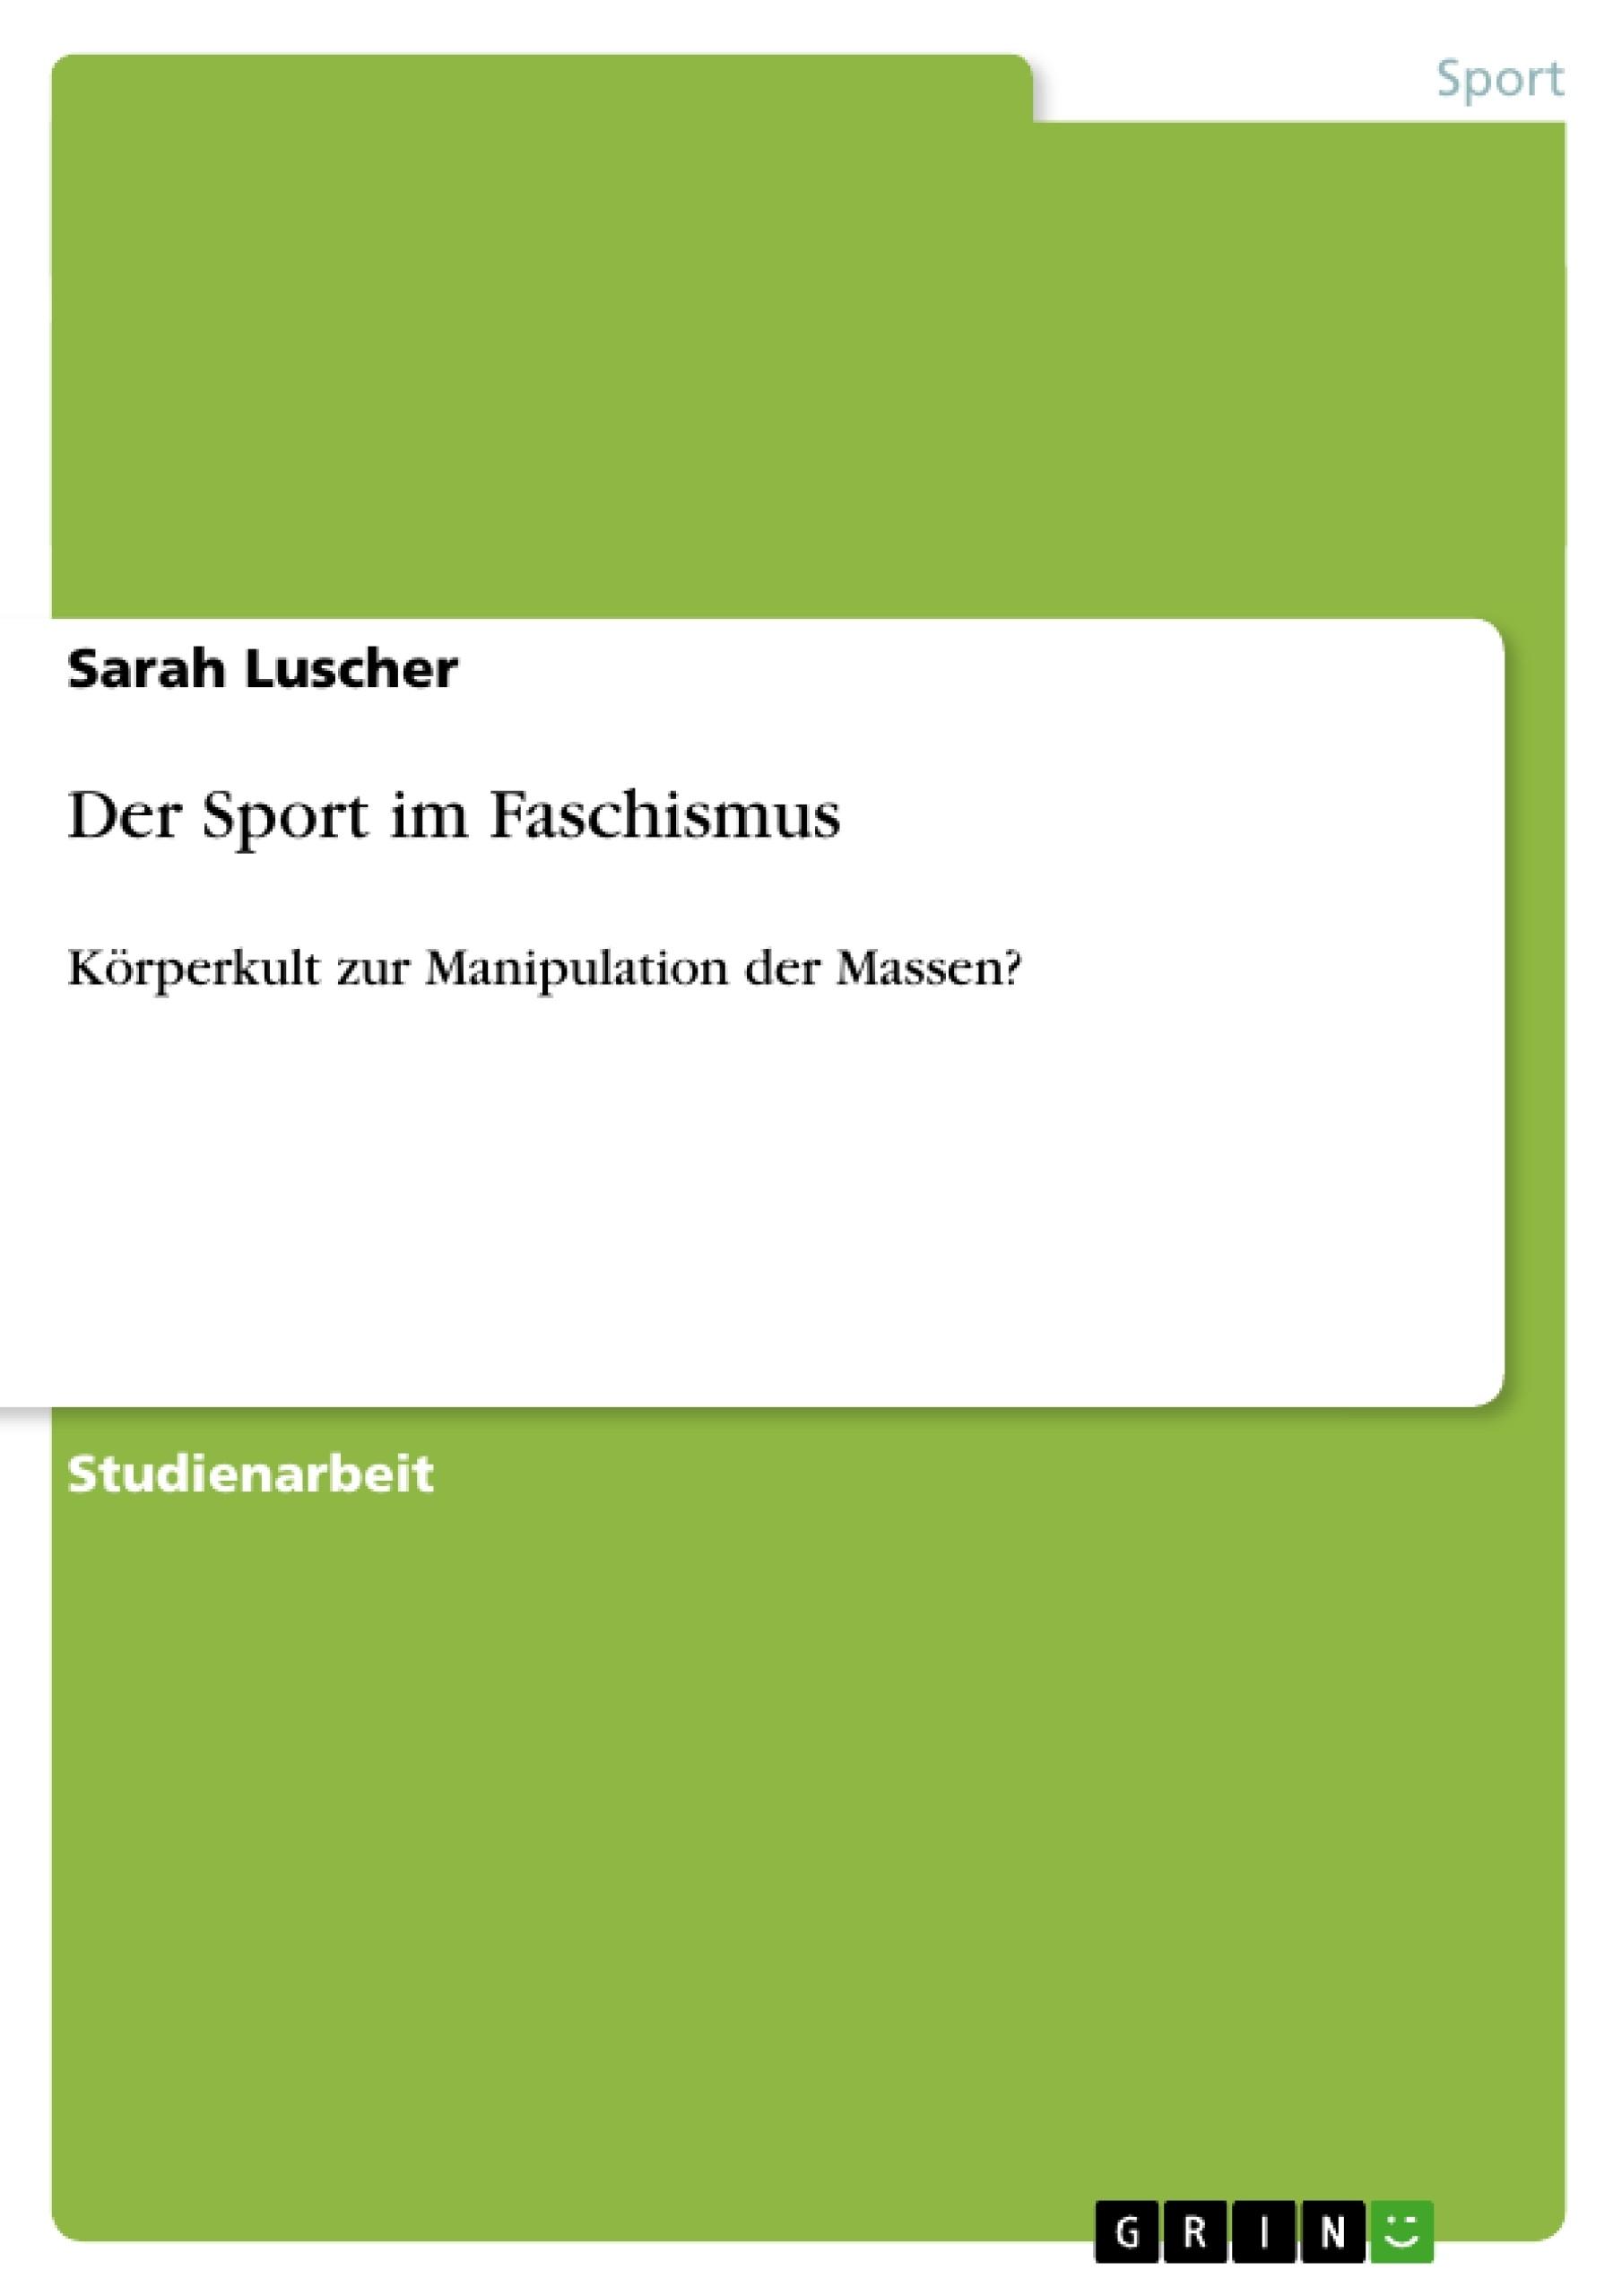 Der Sport im Faschismus   Masterarbeit, Hausarbeit, Bachelorarbeit ...